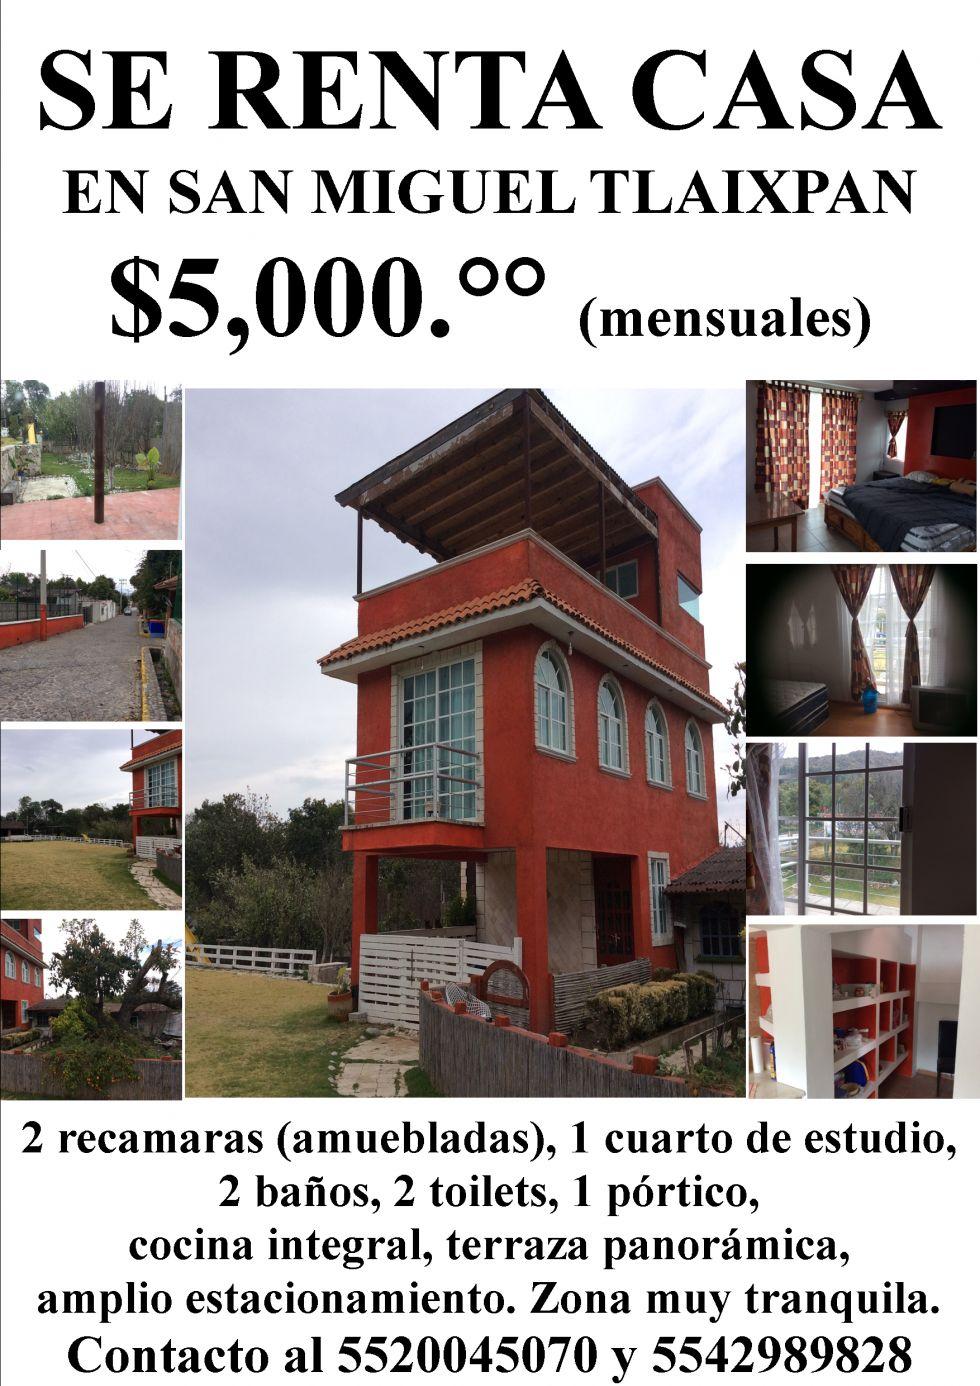 Se renta en casa en san miguel tlaixpan texcoco por for Anuncios de renta de cuartos